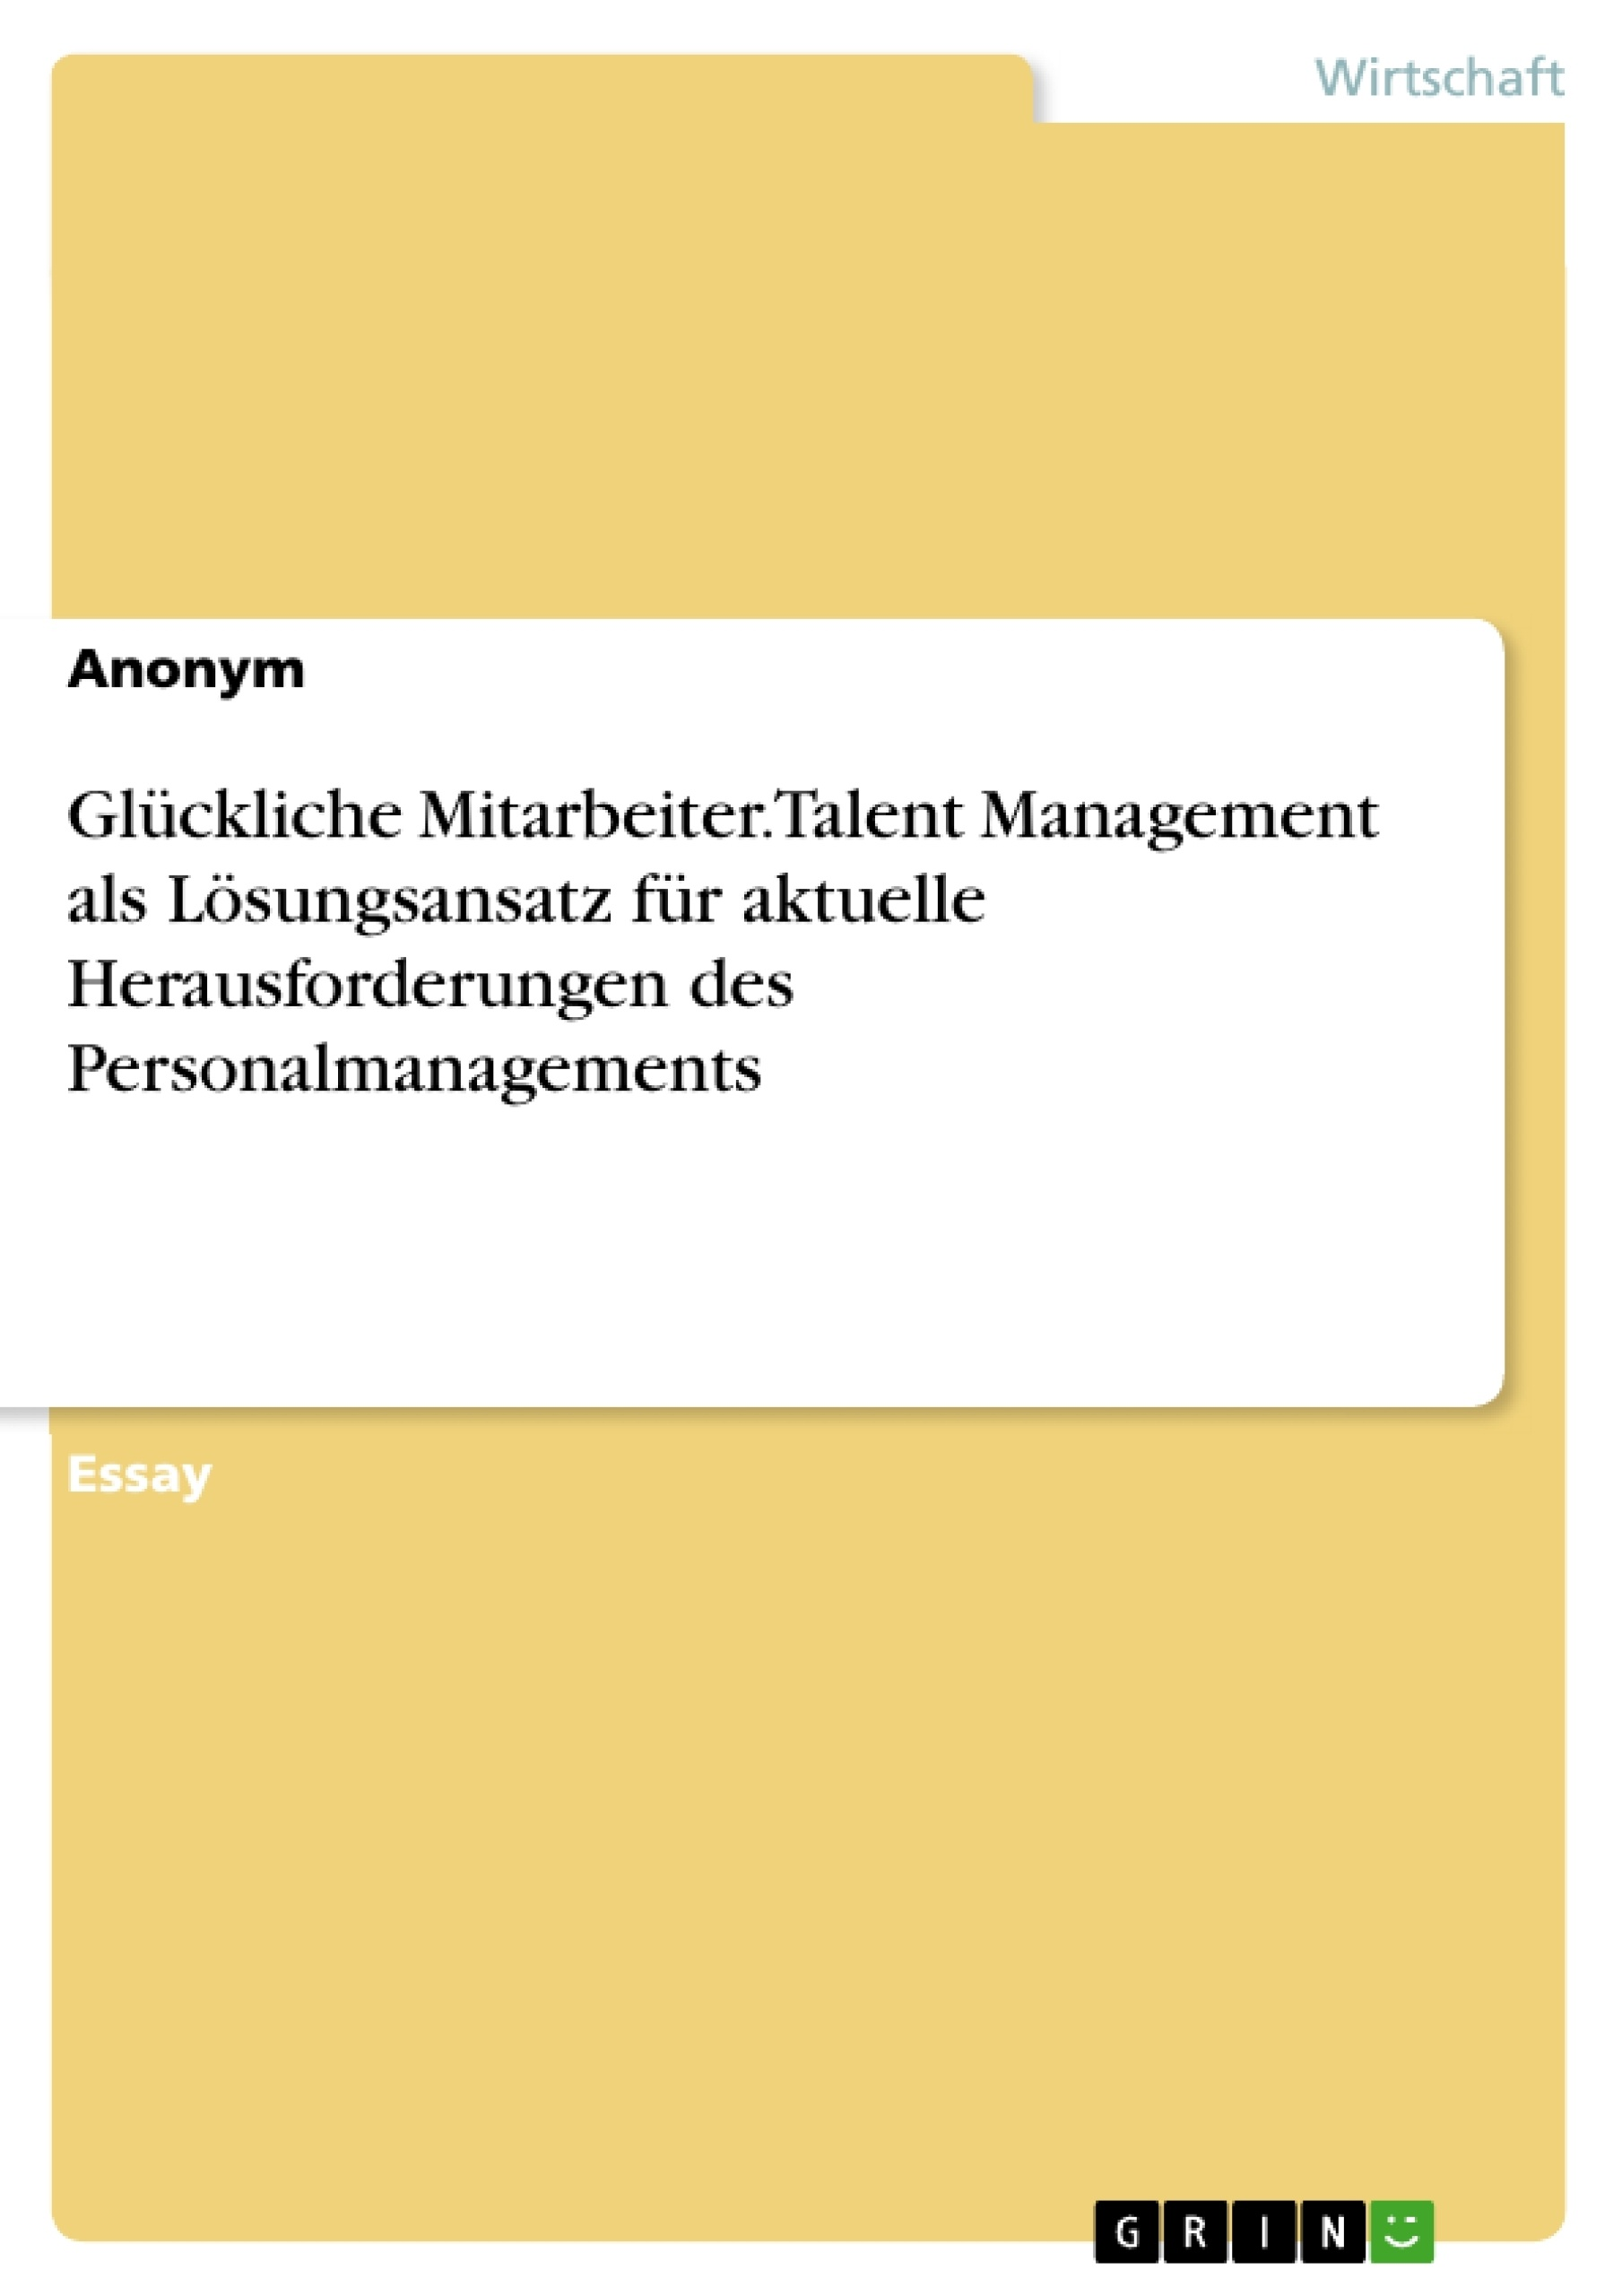 Titel: Glückliche Mitarbeiter. Talent Management als Lösungsansatz für aktuelle Herausforderungen des Personalmanagements